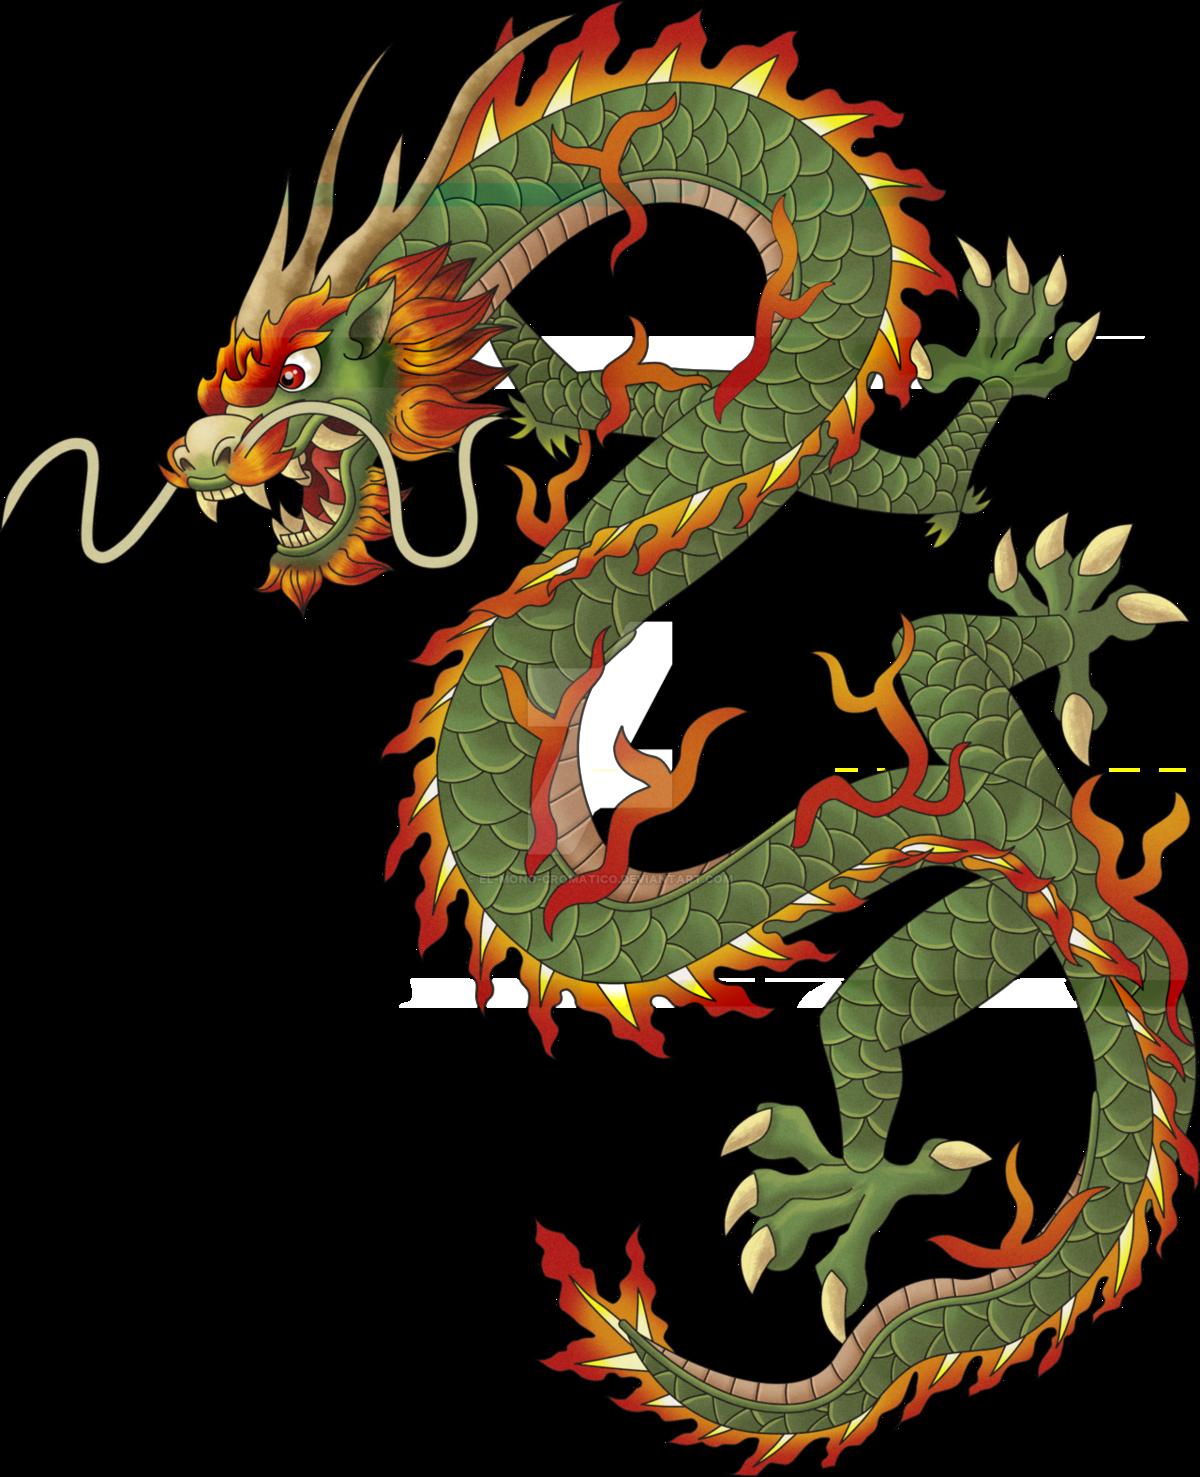 Картинки с китайскими драконами работаем